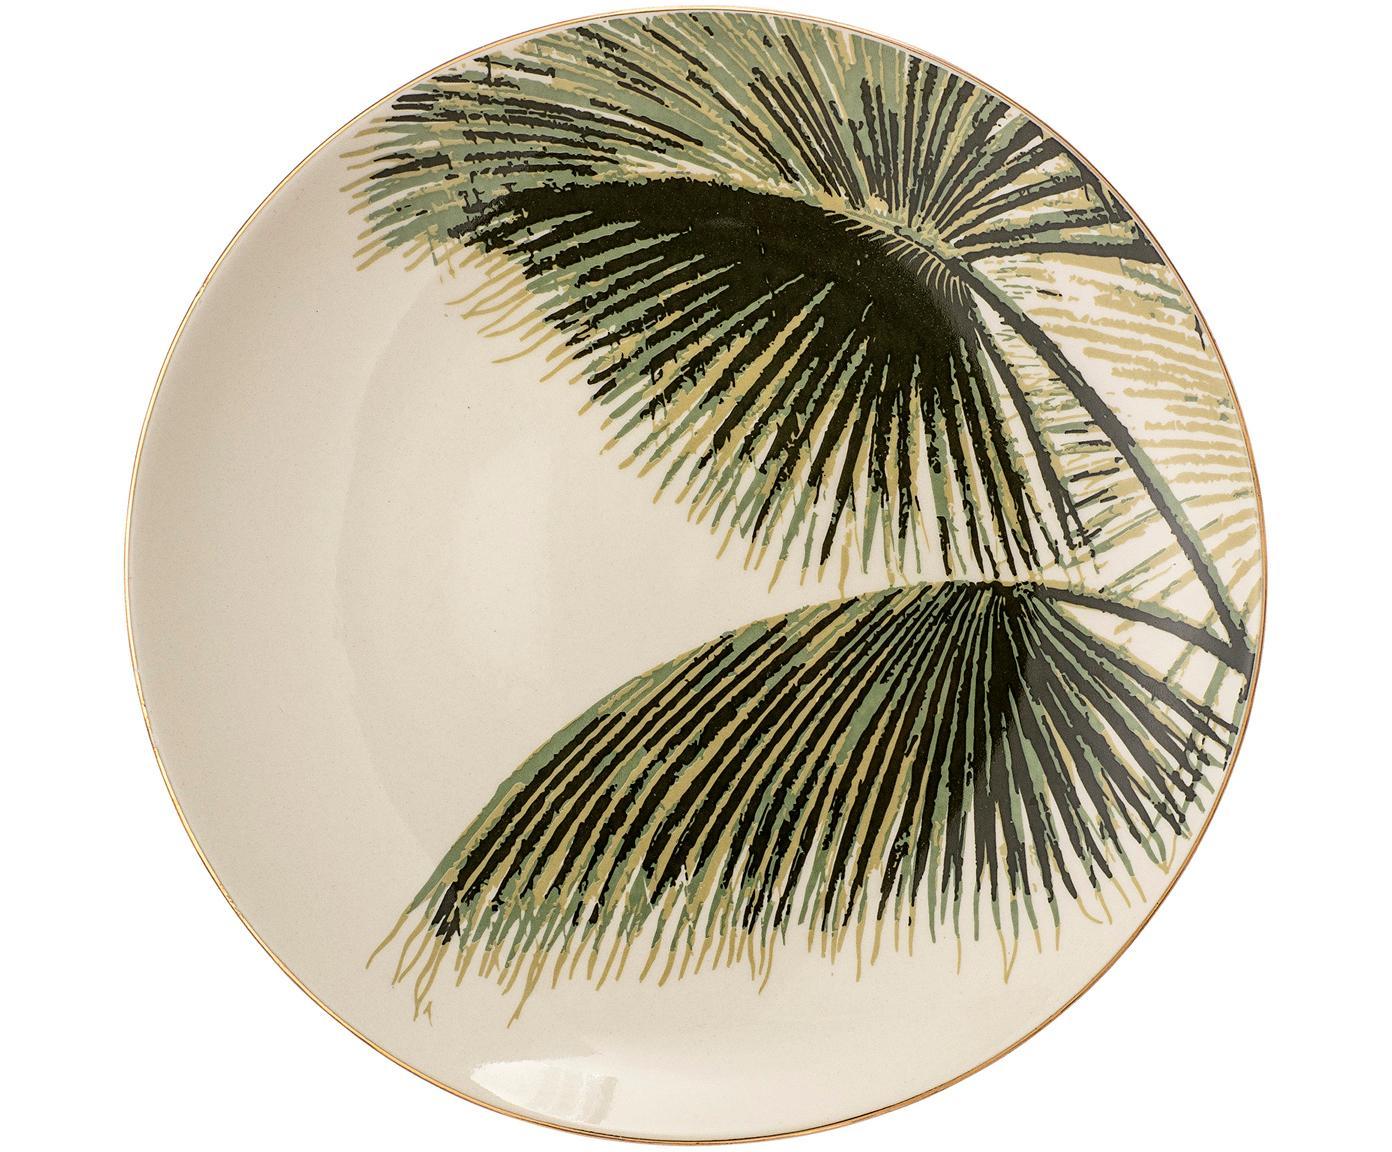 Piattino da dessert Aruba 4 pz, Terracotta, Bianco crema, verde, Ø 20 cm